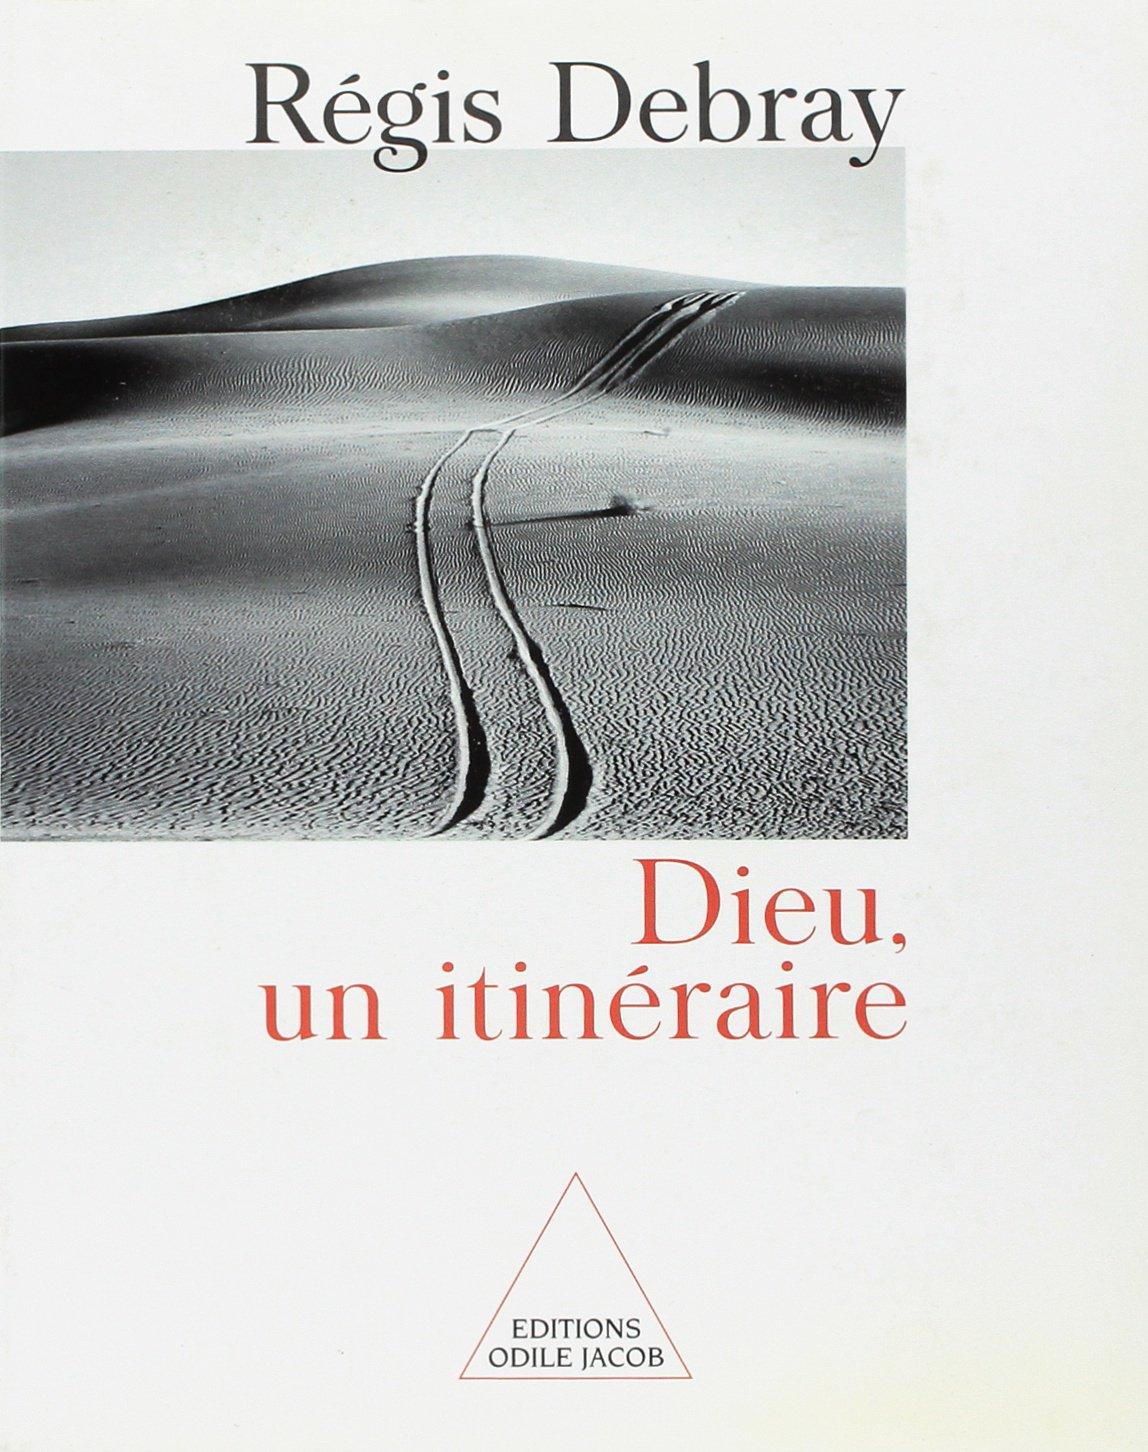 Dieu, un itinéraire Broché – 25 octobre 2001 Régis Debray Odile Jacob 2738110347 404624207